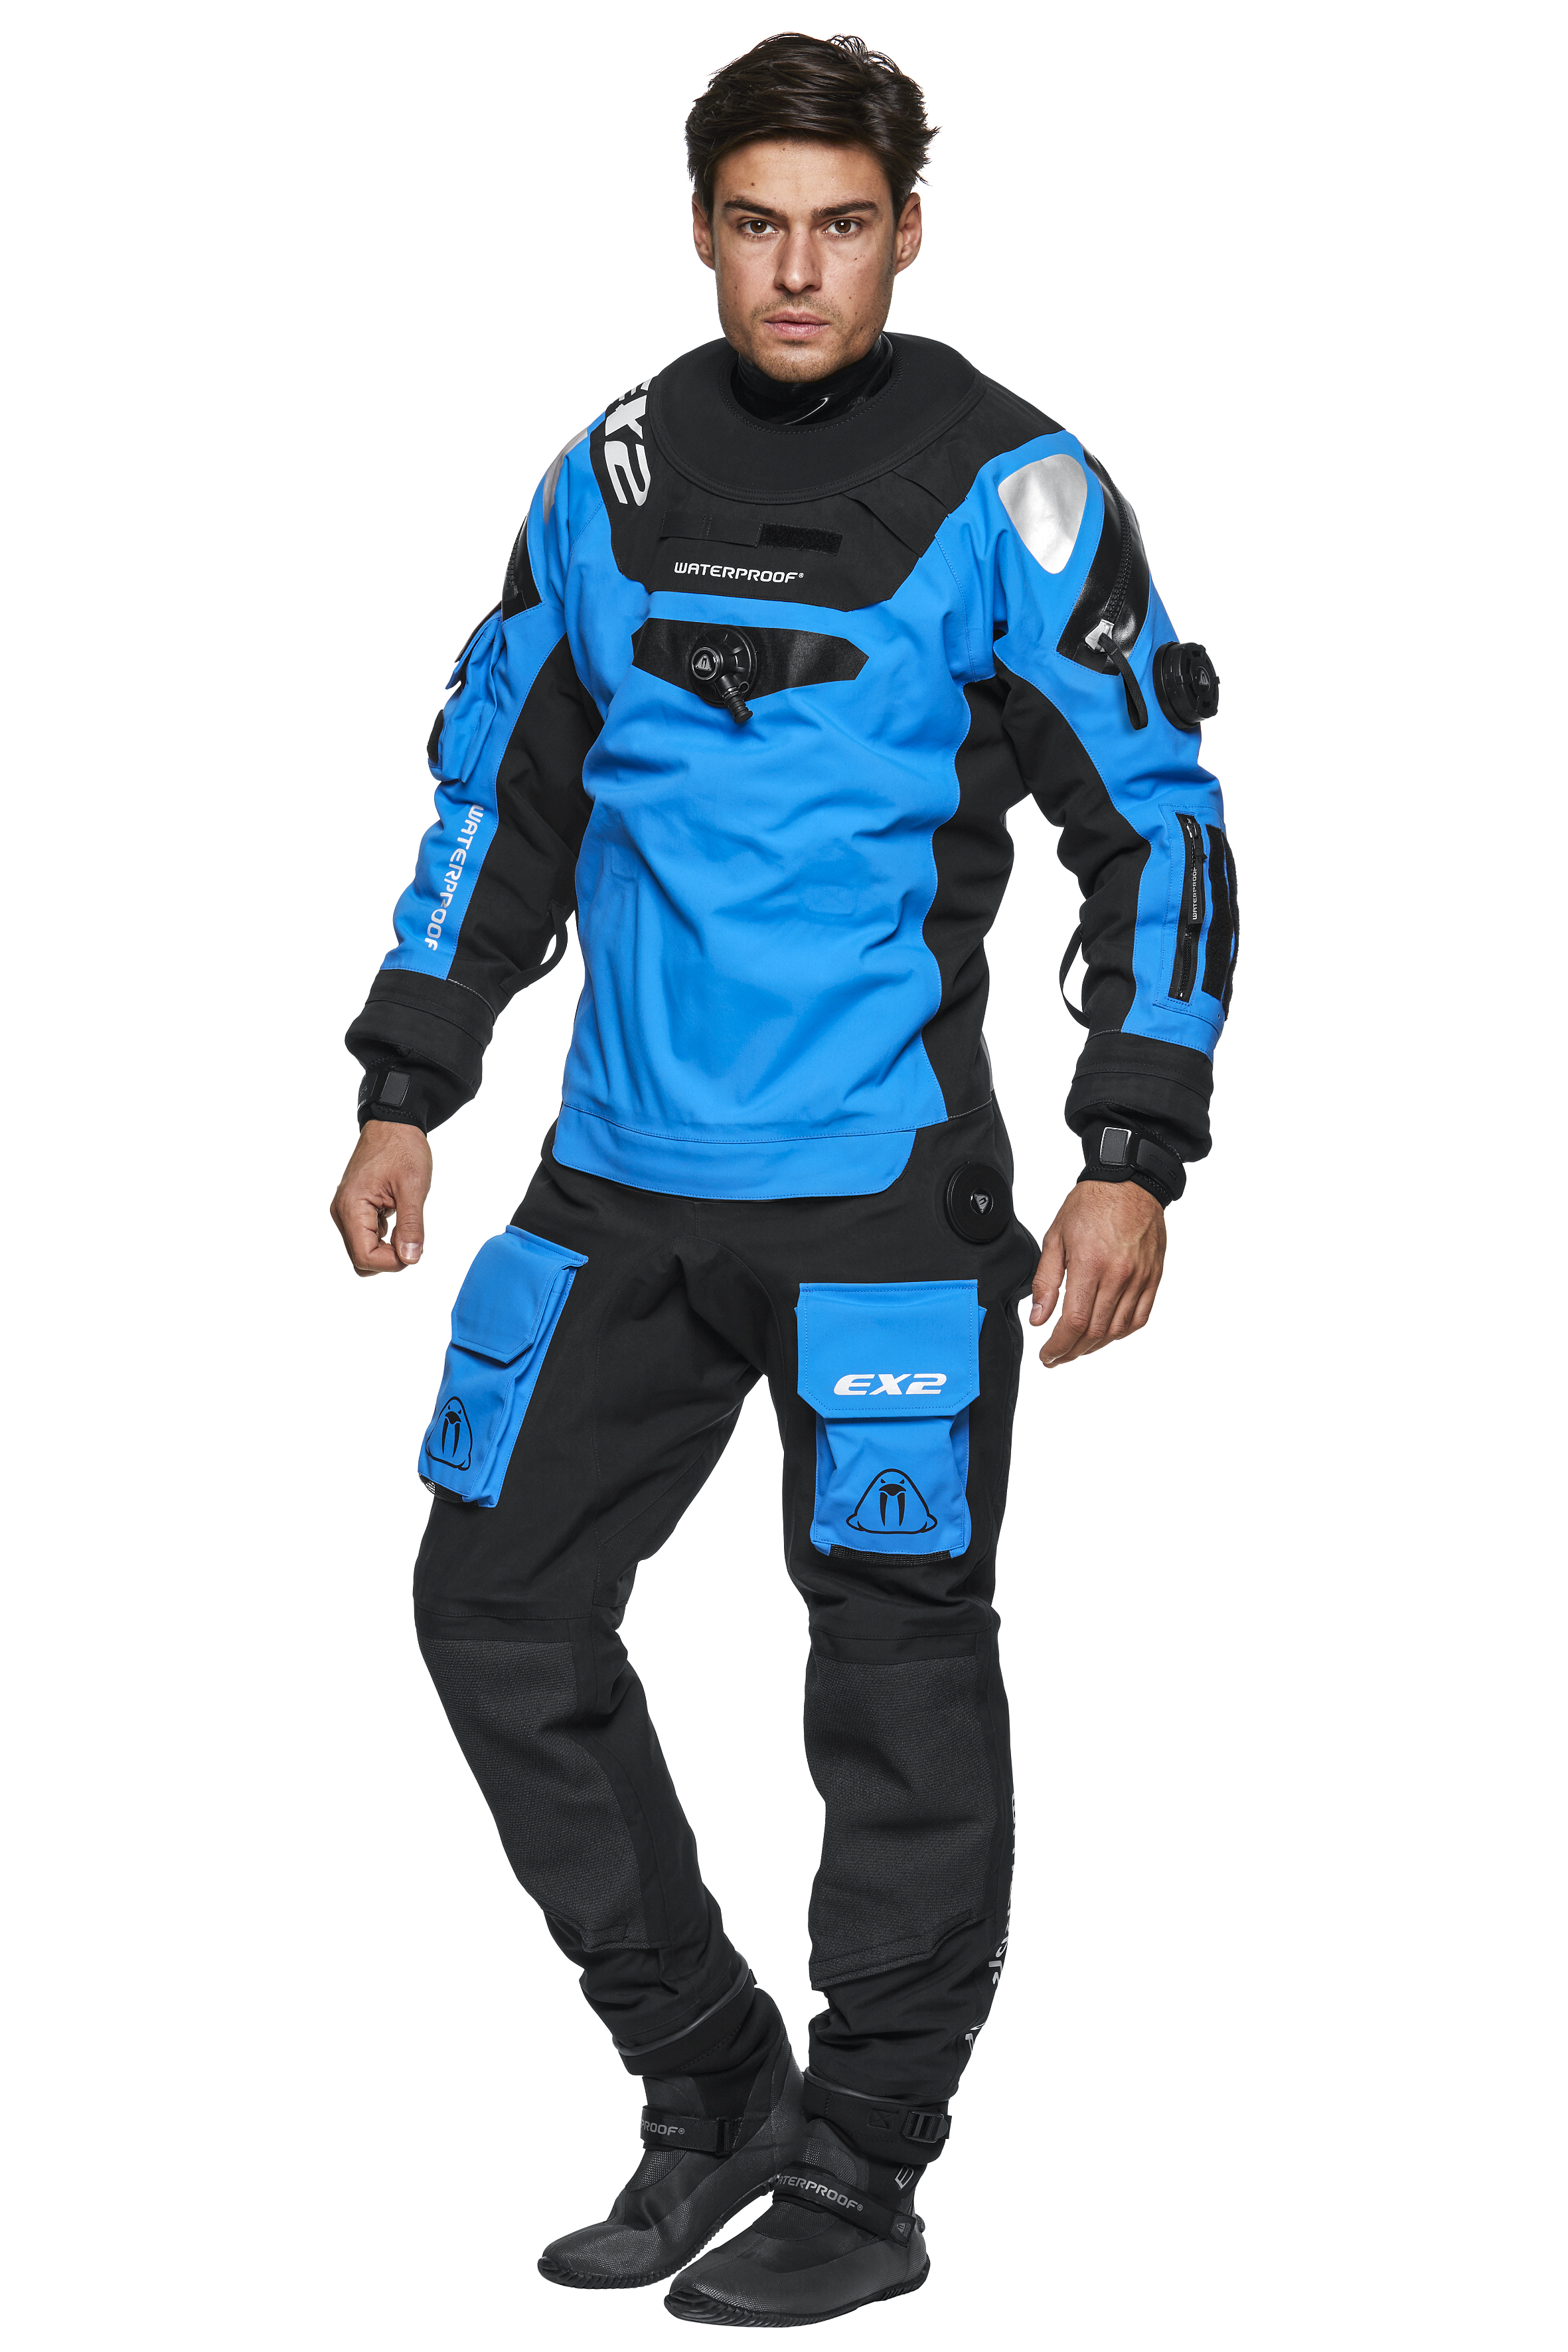 Сух водолазен костюм изработен от дишаща материя EX2 BLUE BRETHABLE DRYSUIT - Waterproof